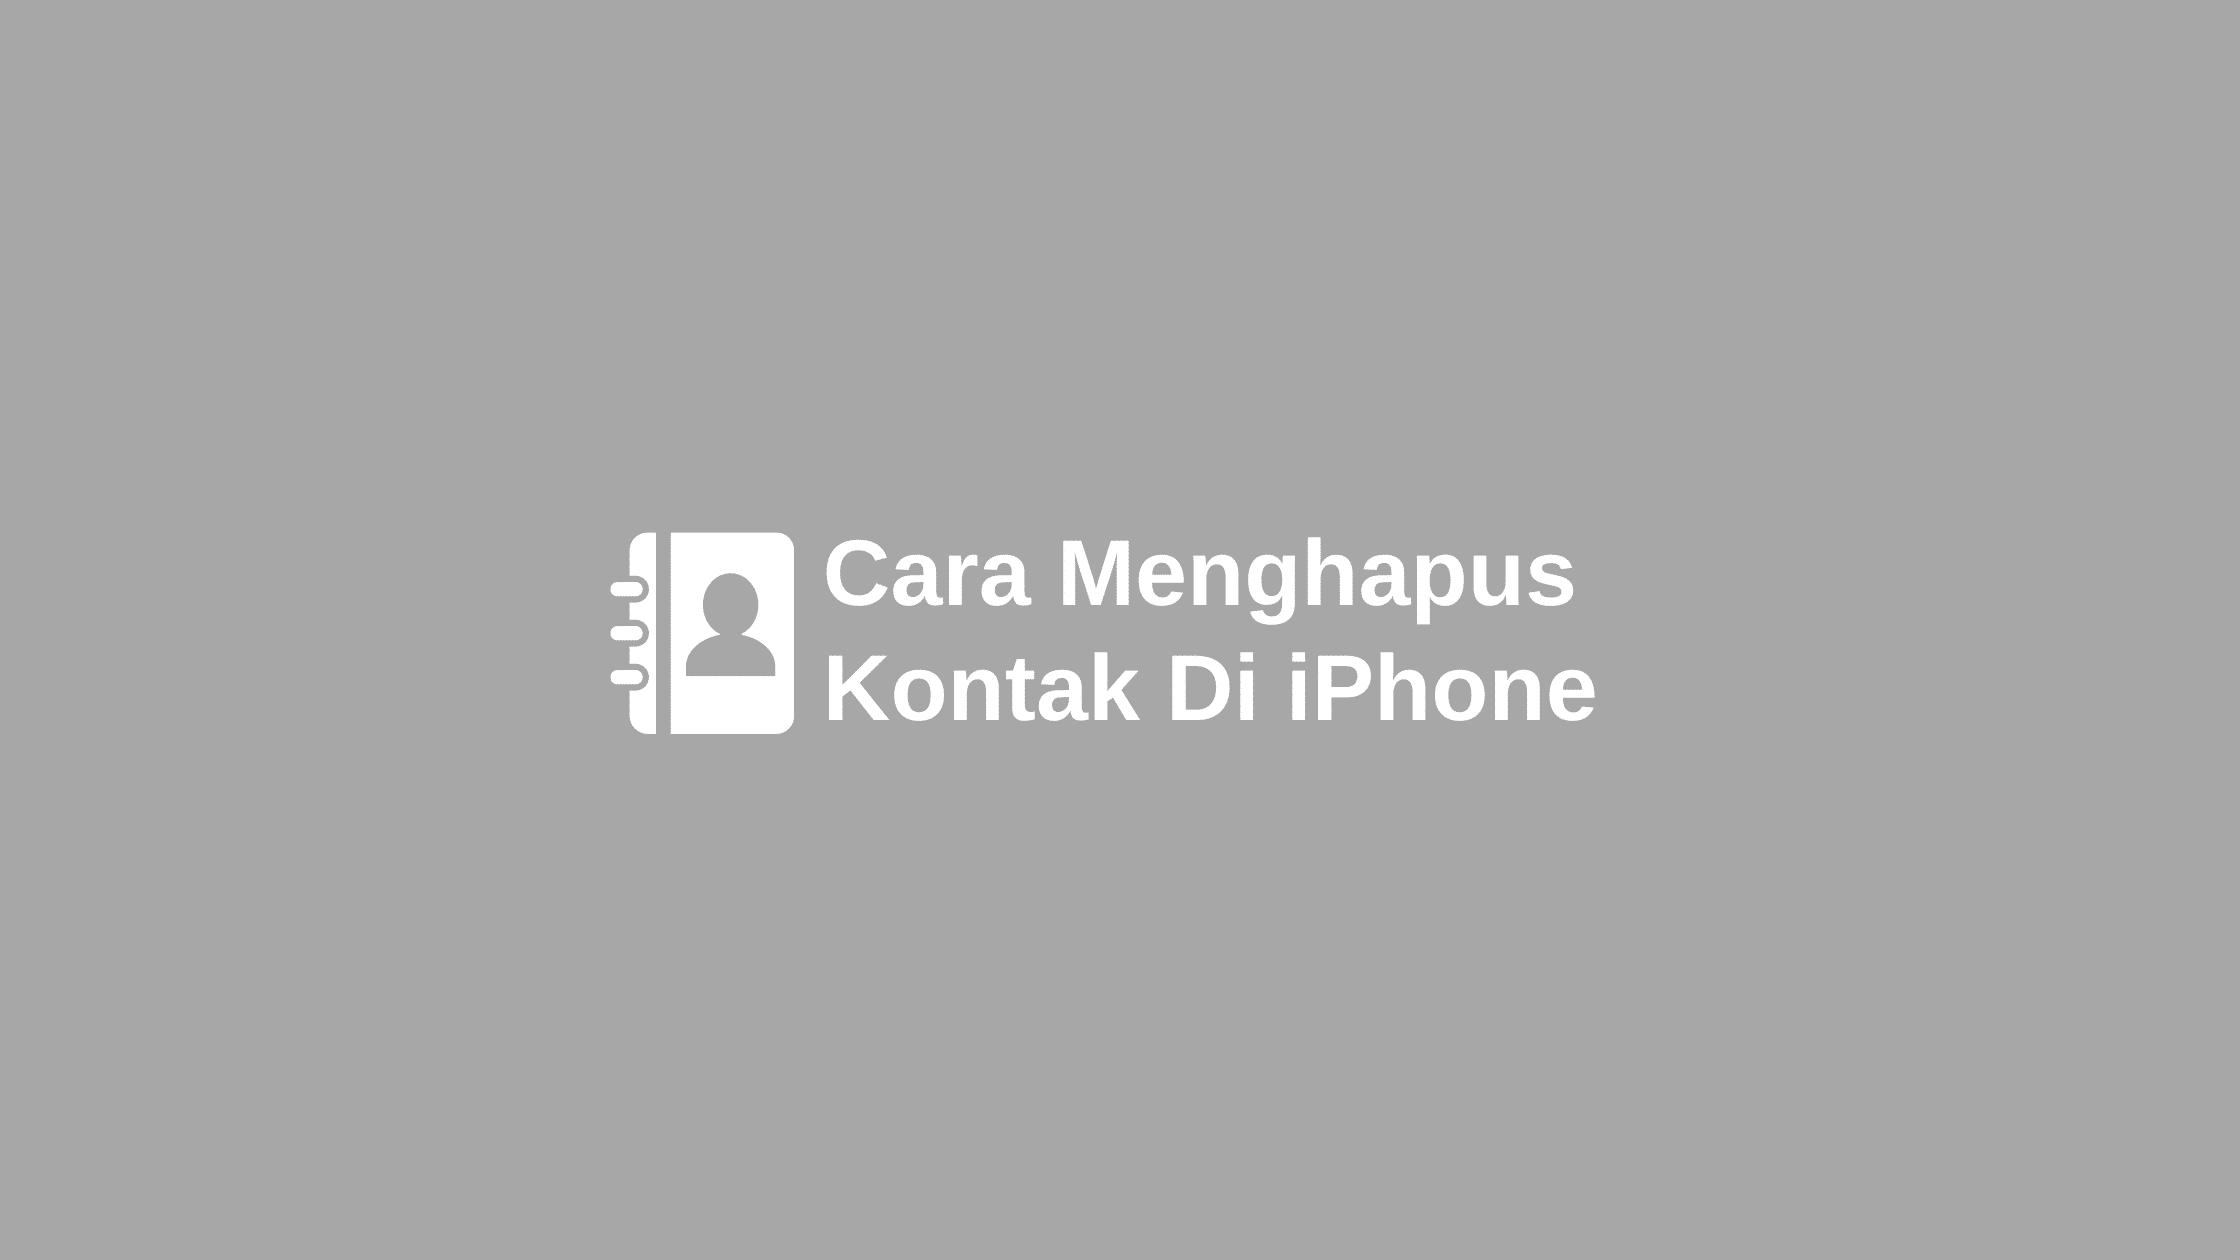 cara menghapus kontak di iPhone